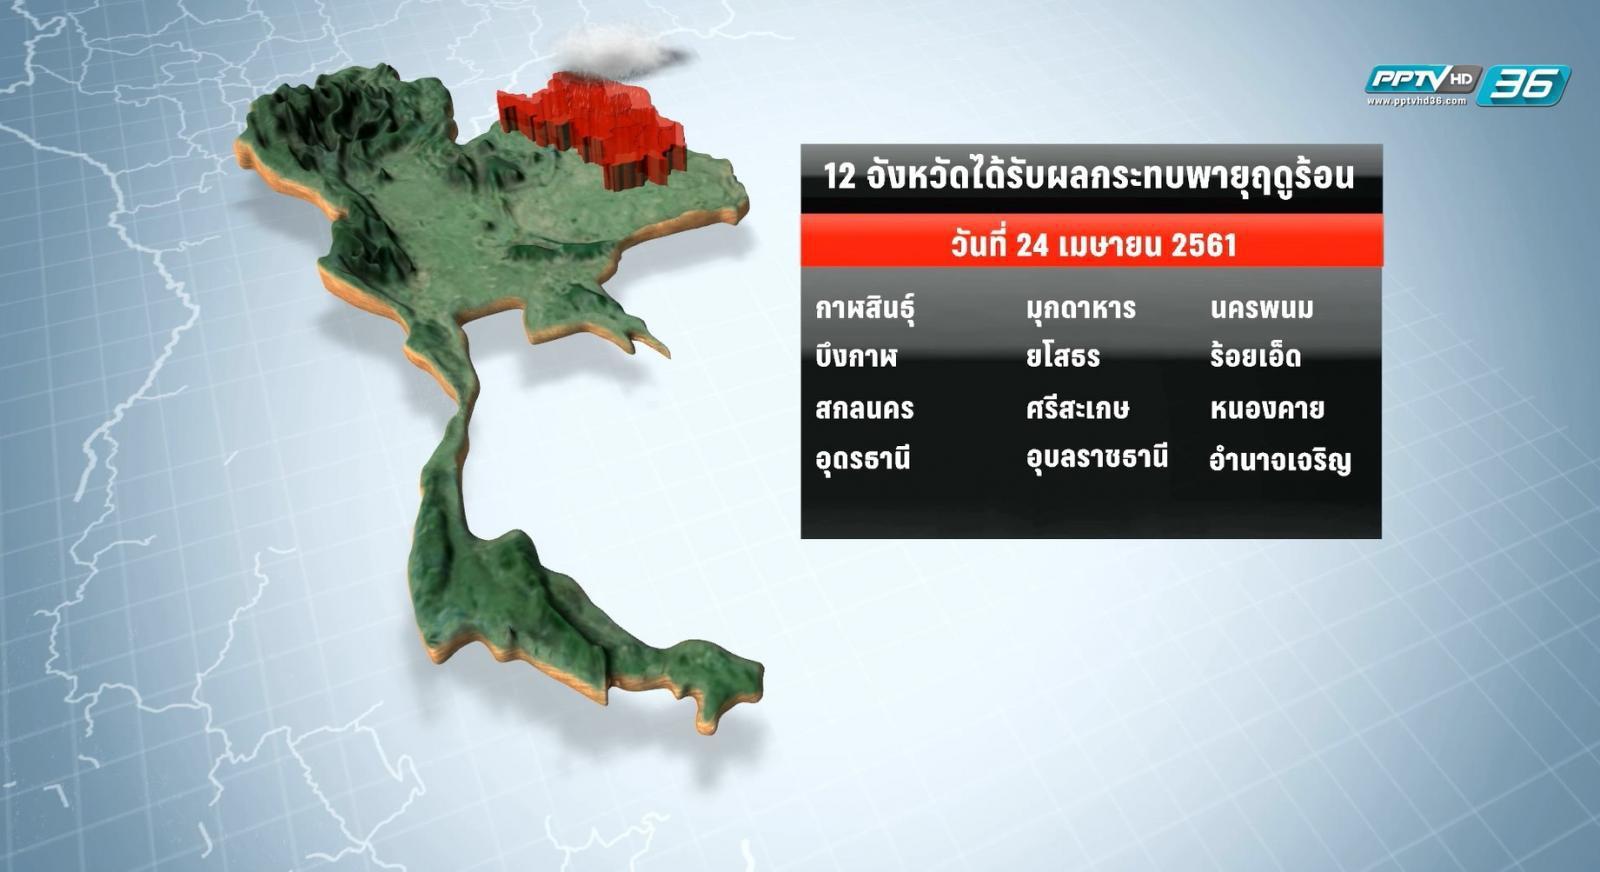 อุตุฯ เตือน พรุ่งนี้ 12 จังหวัด เตรียมรับมือพายุฤดูร้อน